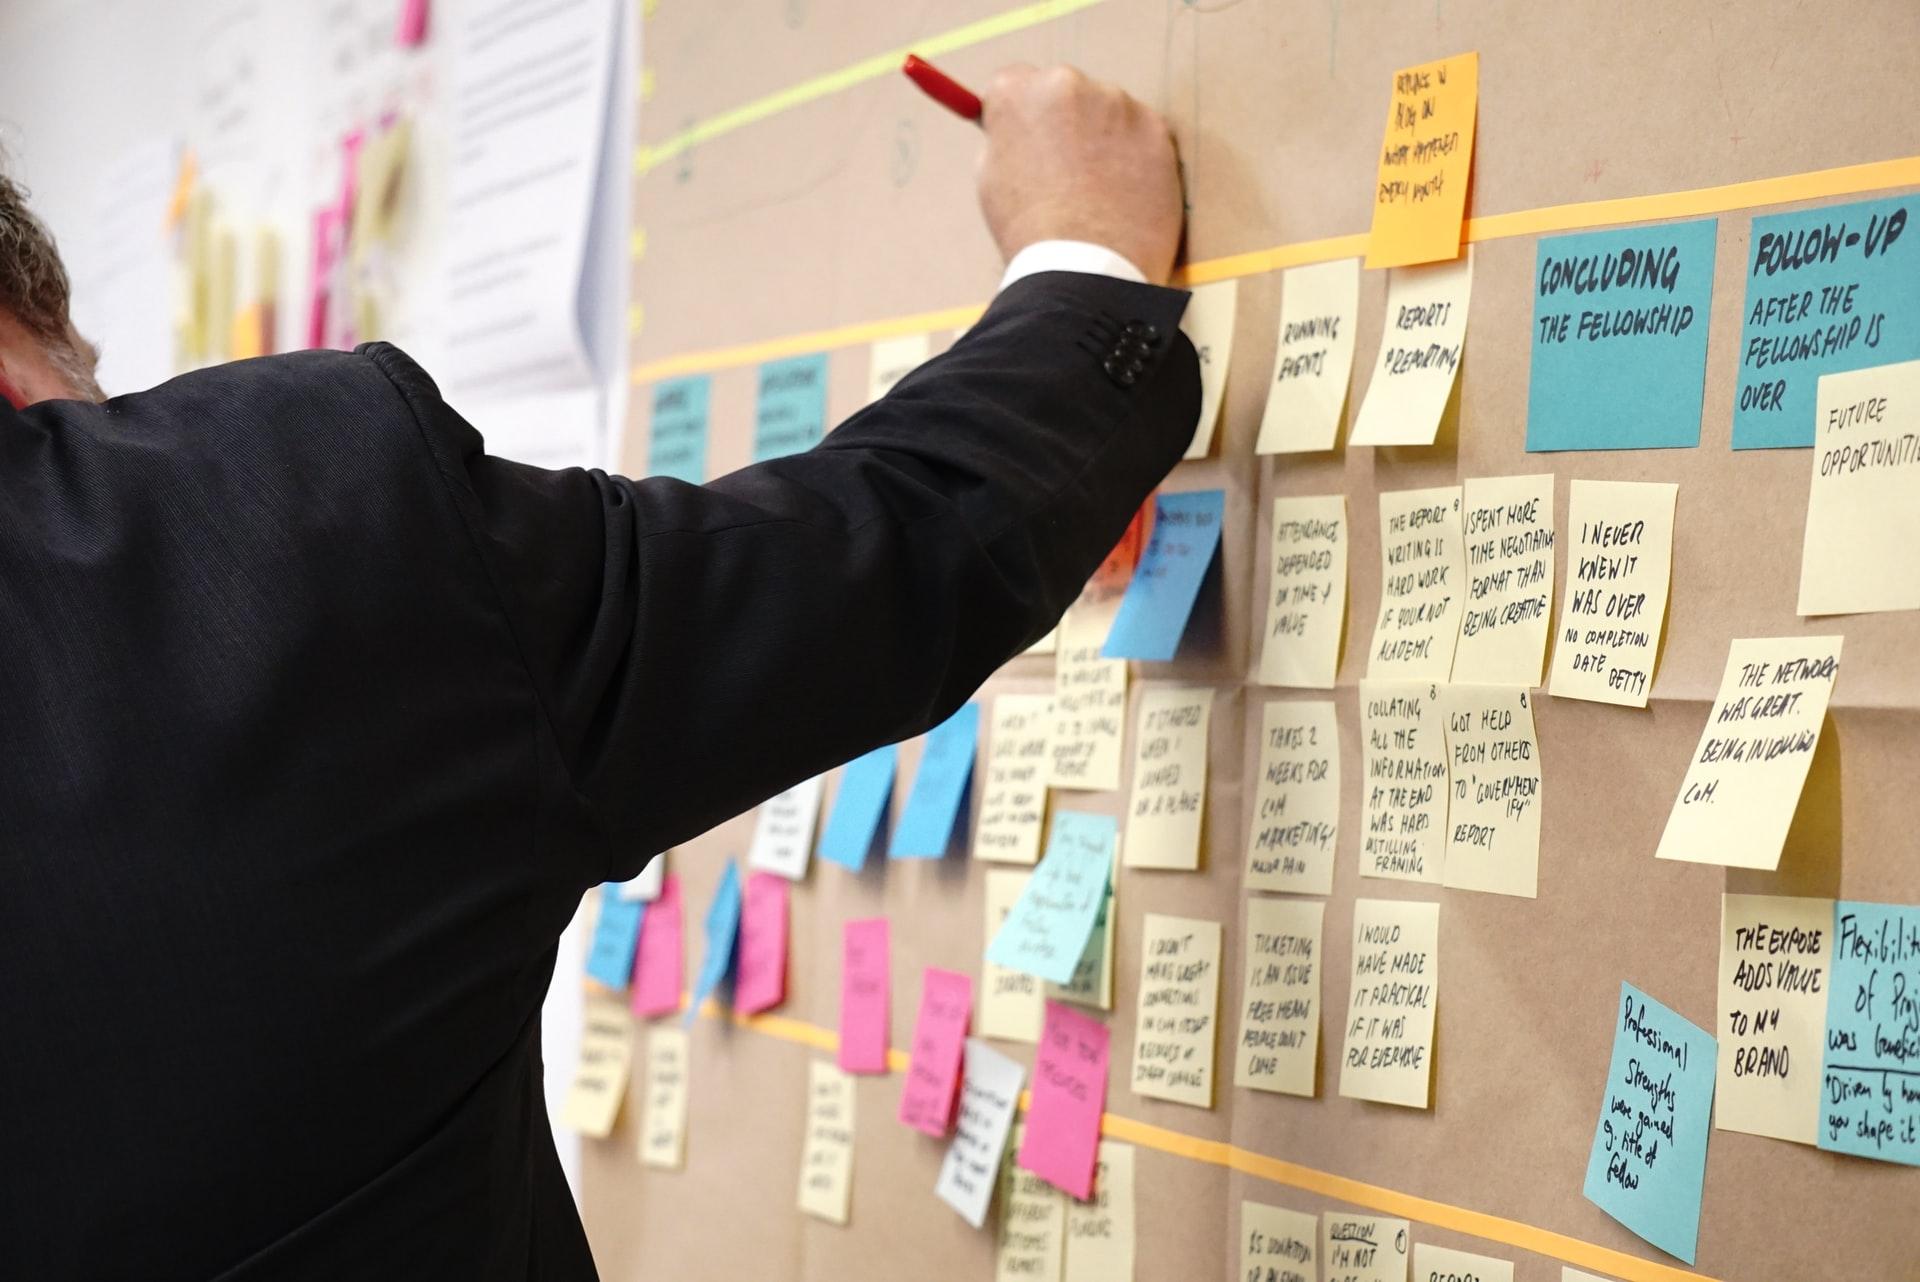 méthode agile projet business france